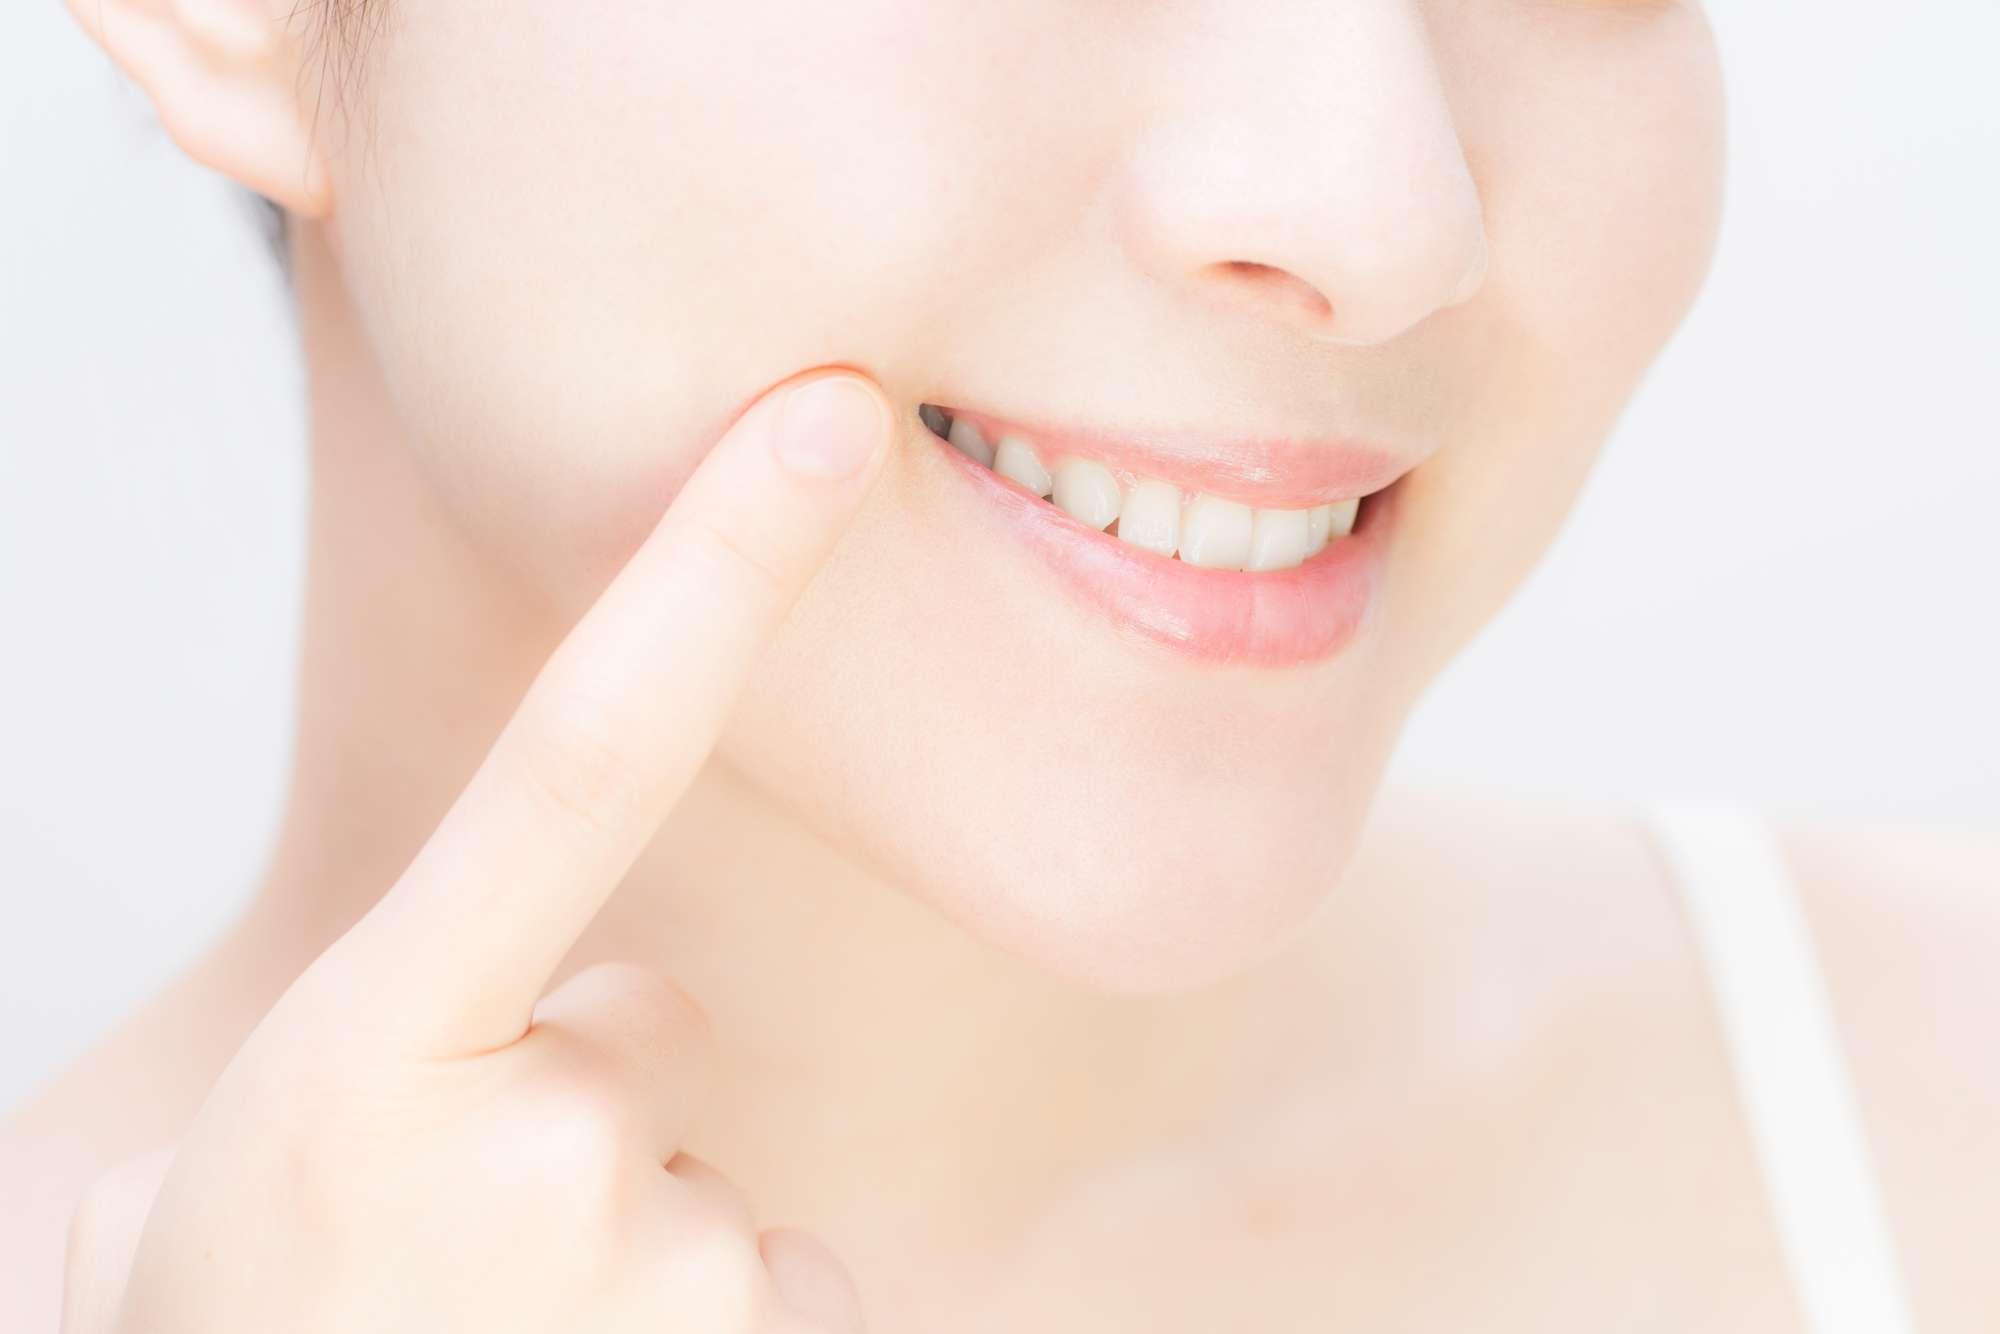 健康な歯を保つための方法